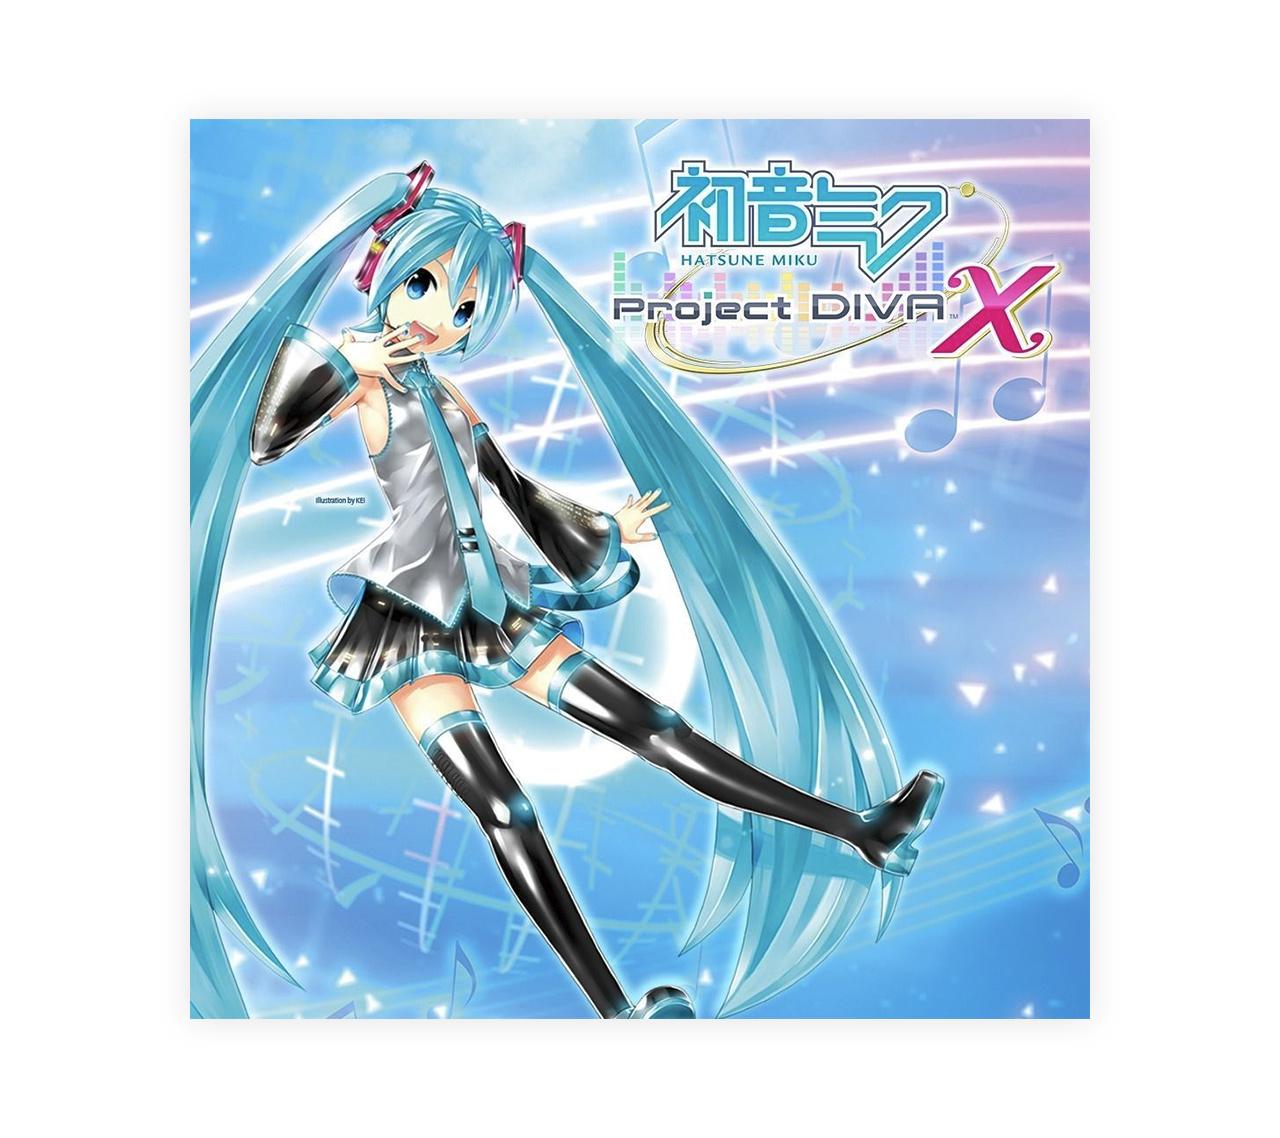 Hatsune miku project diva x recensione playstation 4 ps vita - Diva 262 recensione ...